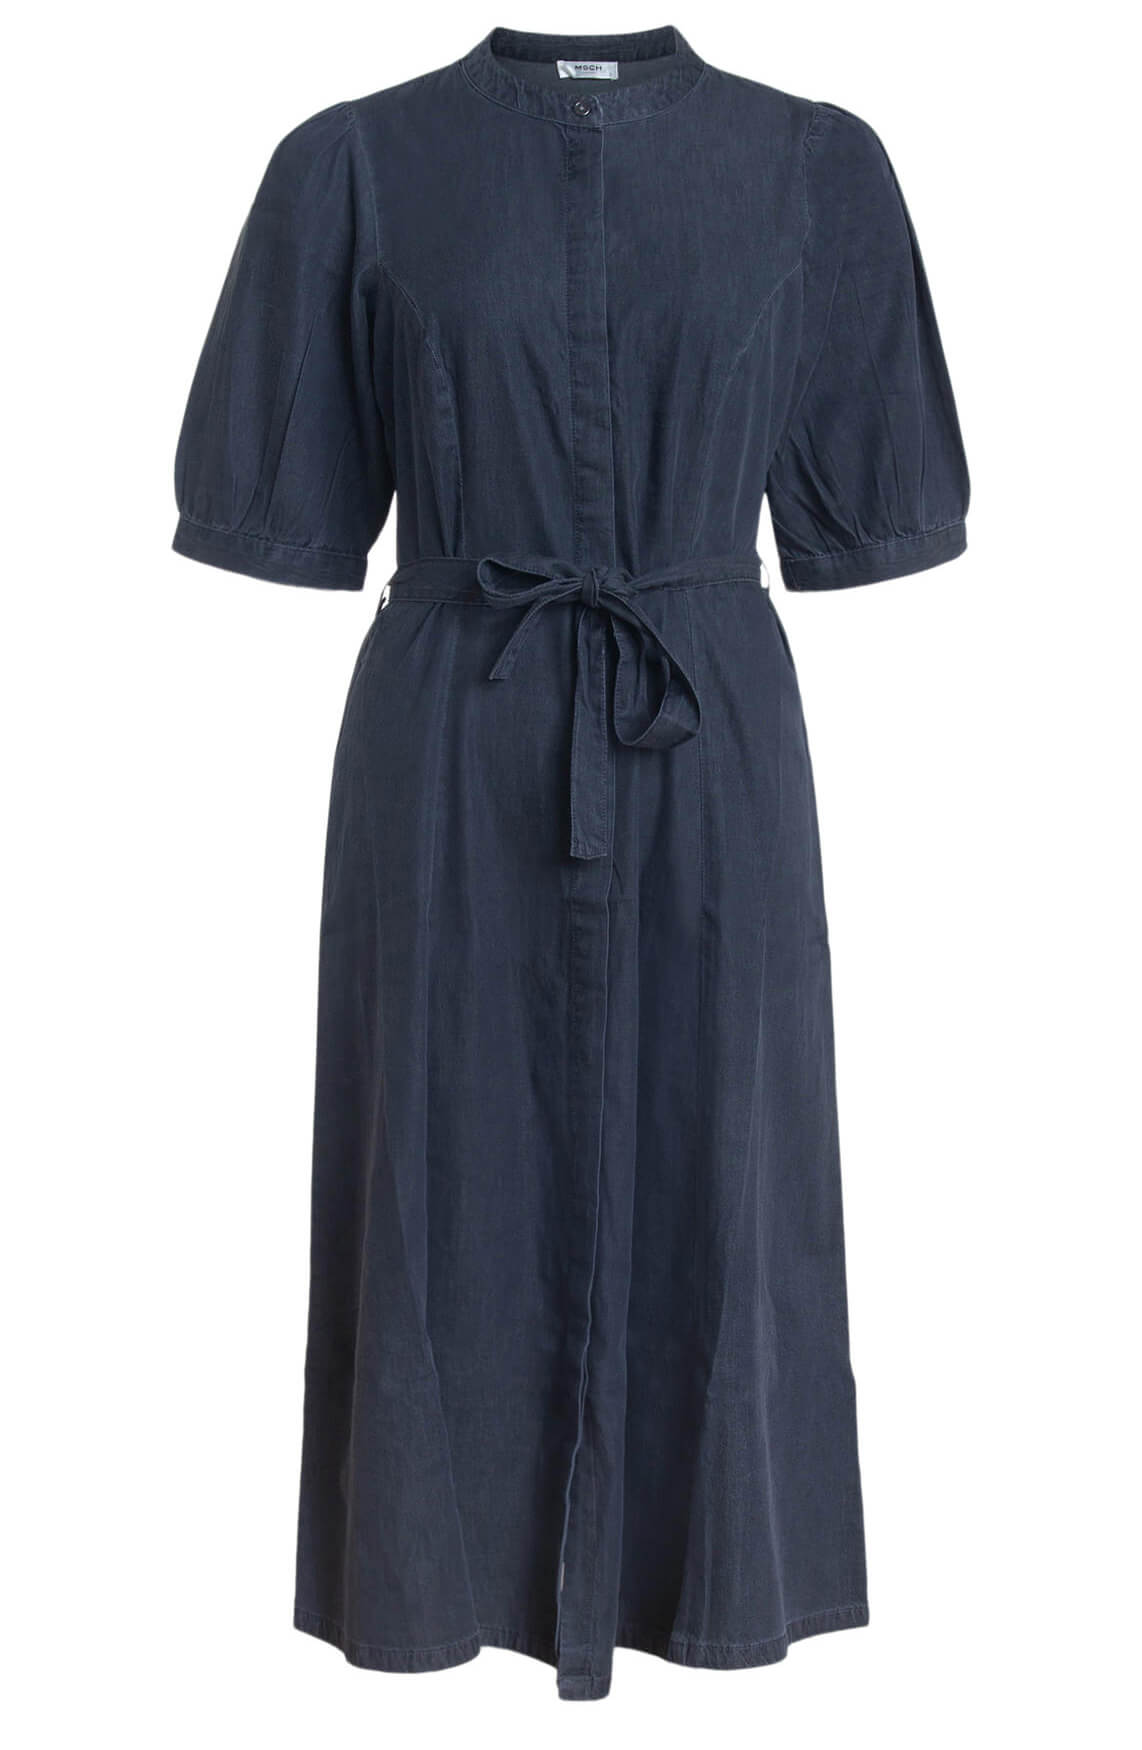 Moss Copenhagen Dames Fanella Lyanna jurk Grijs